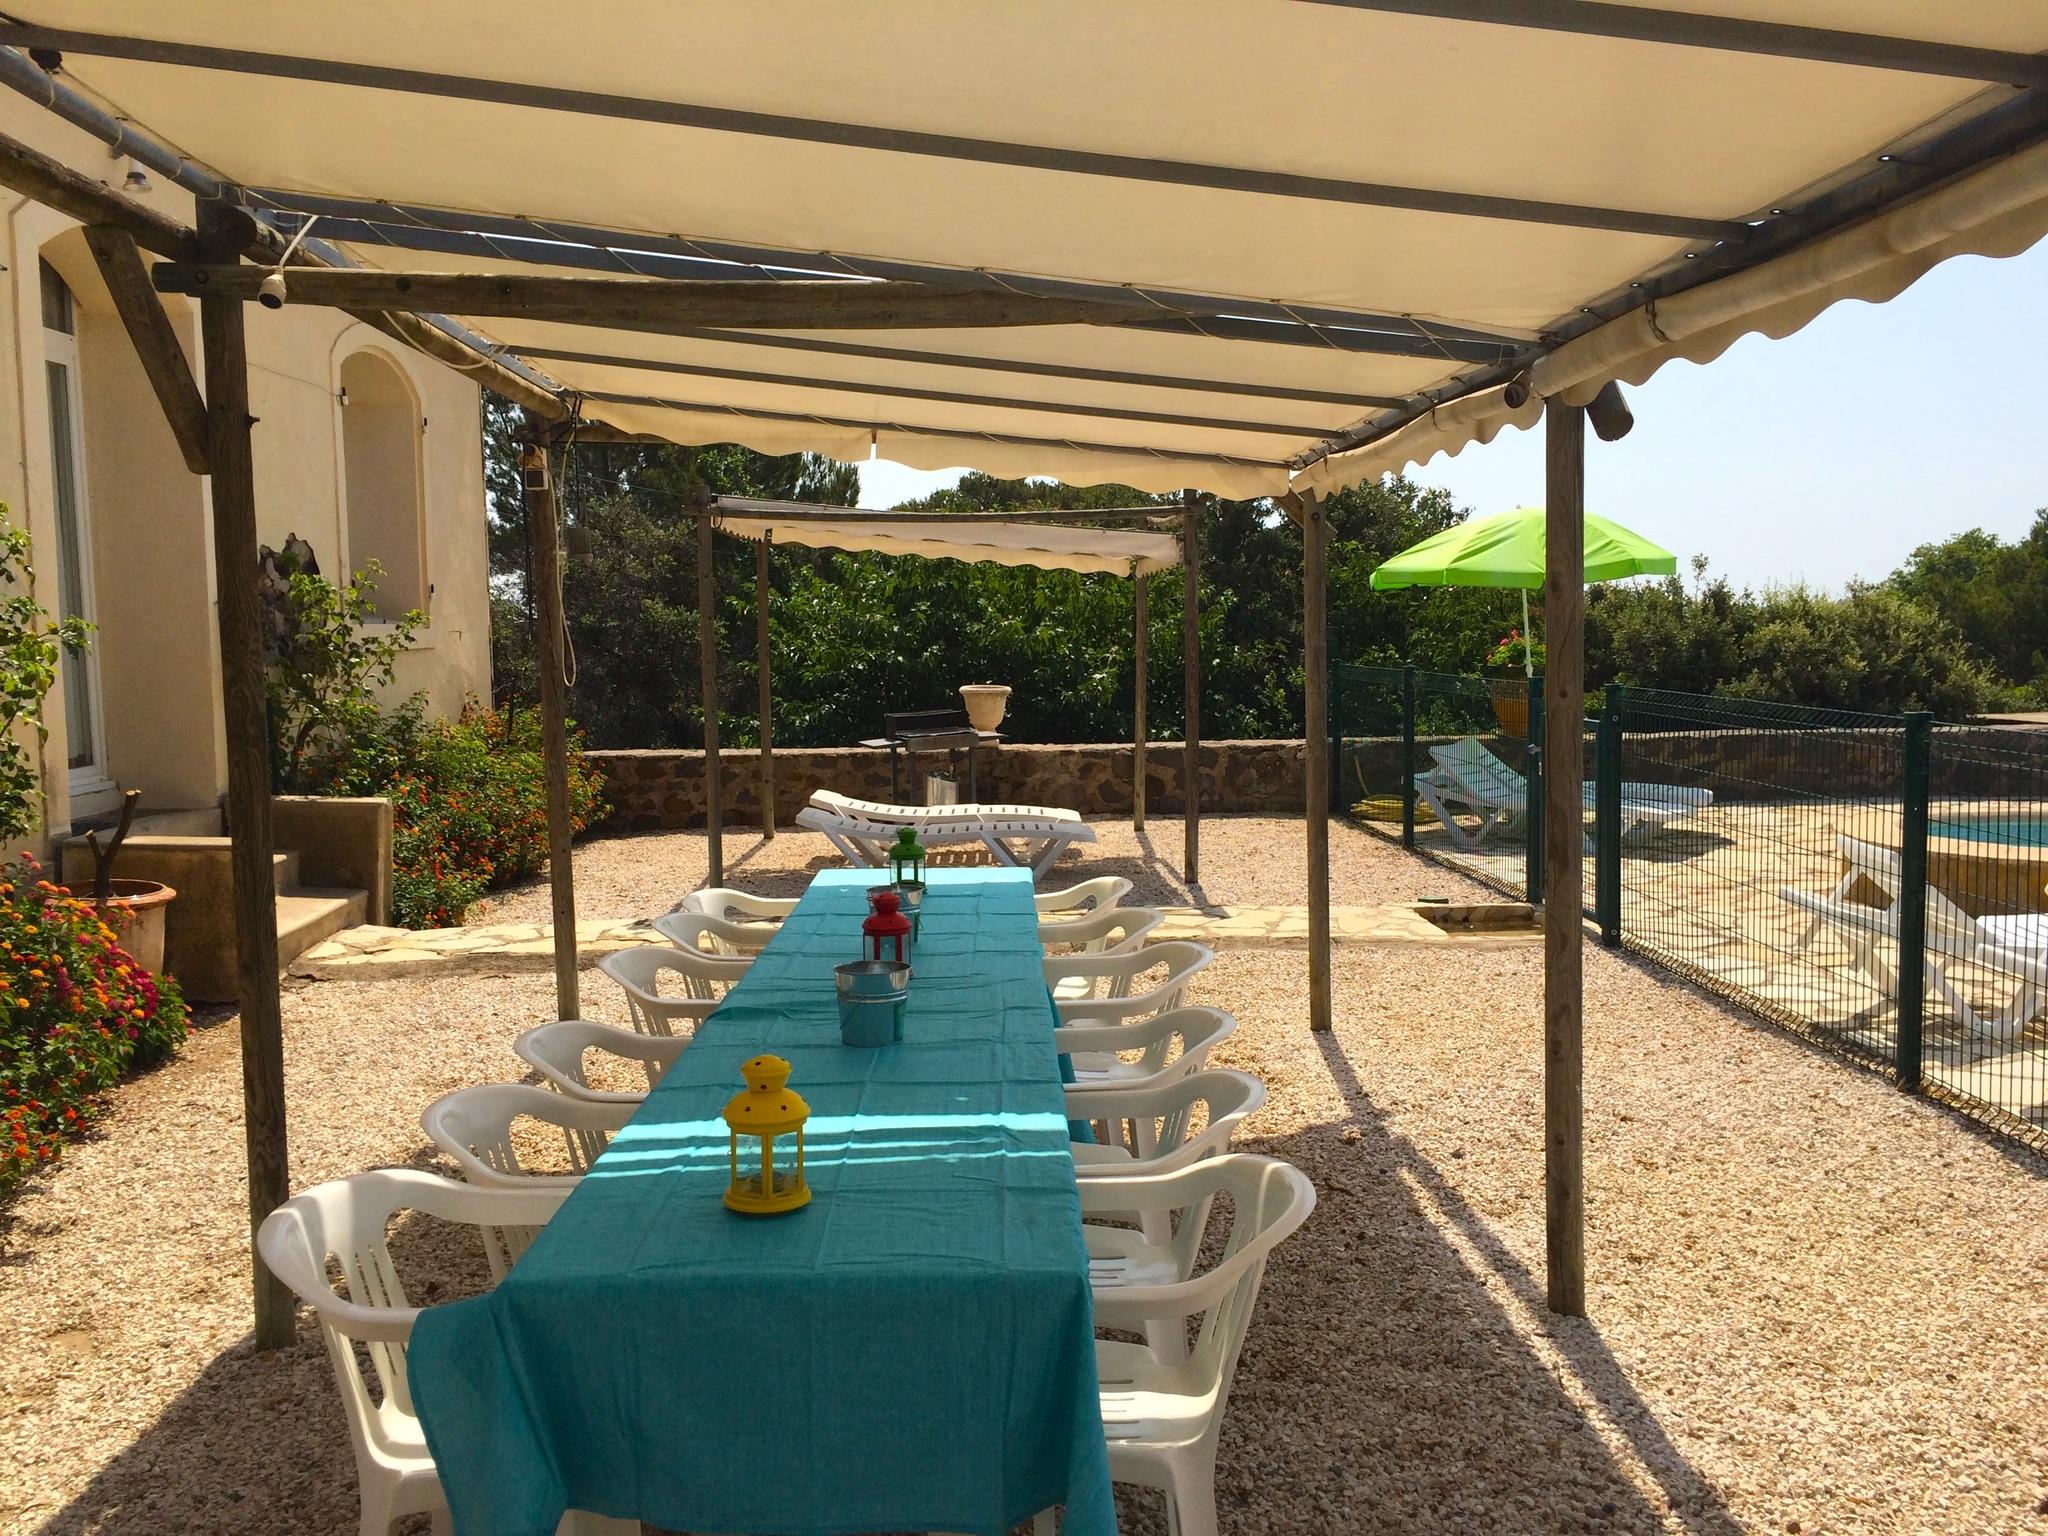 Ferienhaus Charaktervolles Haus in Hérault mit Pool und Garten (2201003), Portiragnes, Mittelmeerküste Hérault, Languedoc-Roussillon, Frankreich, Bild 25